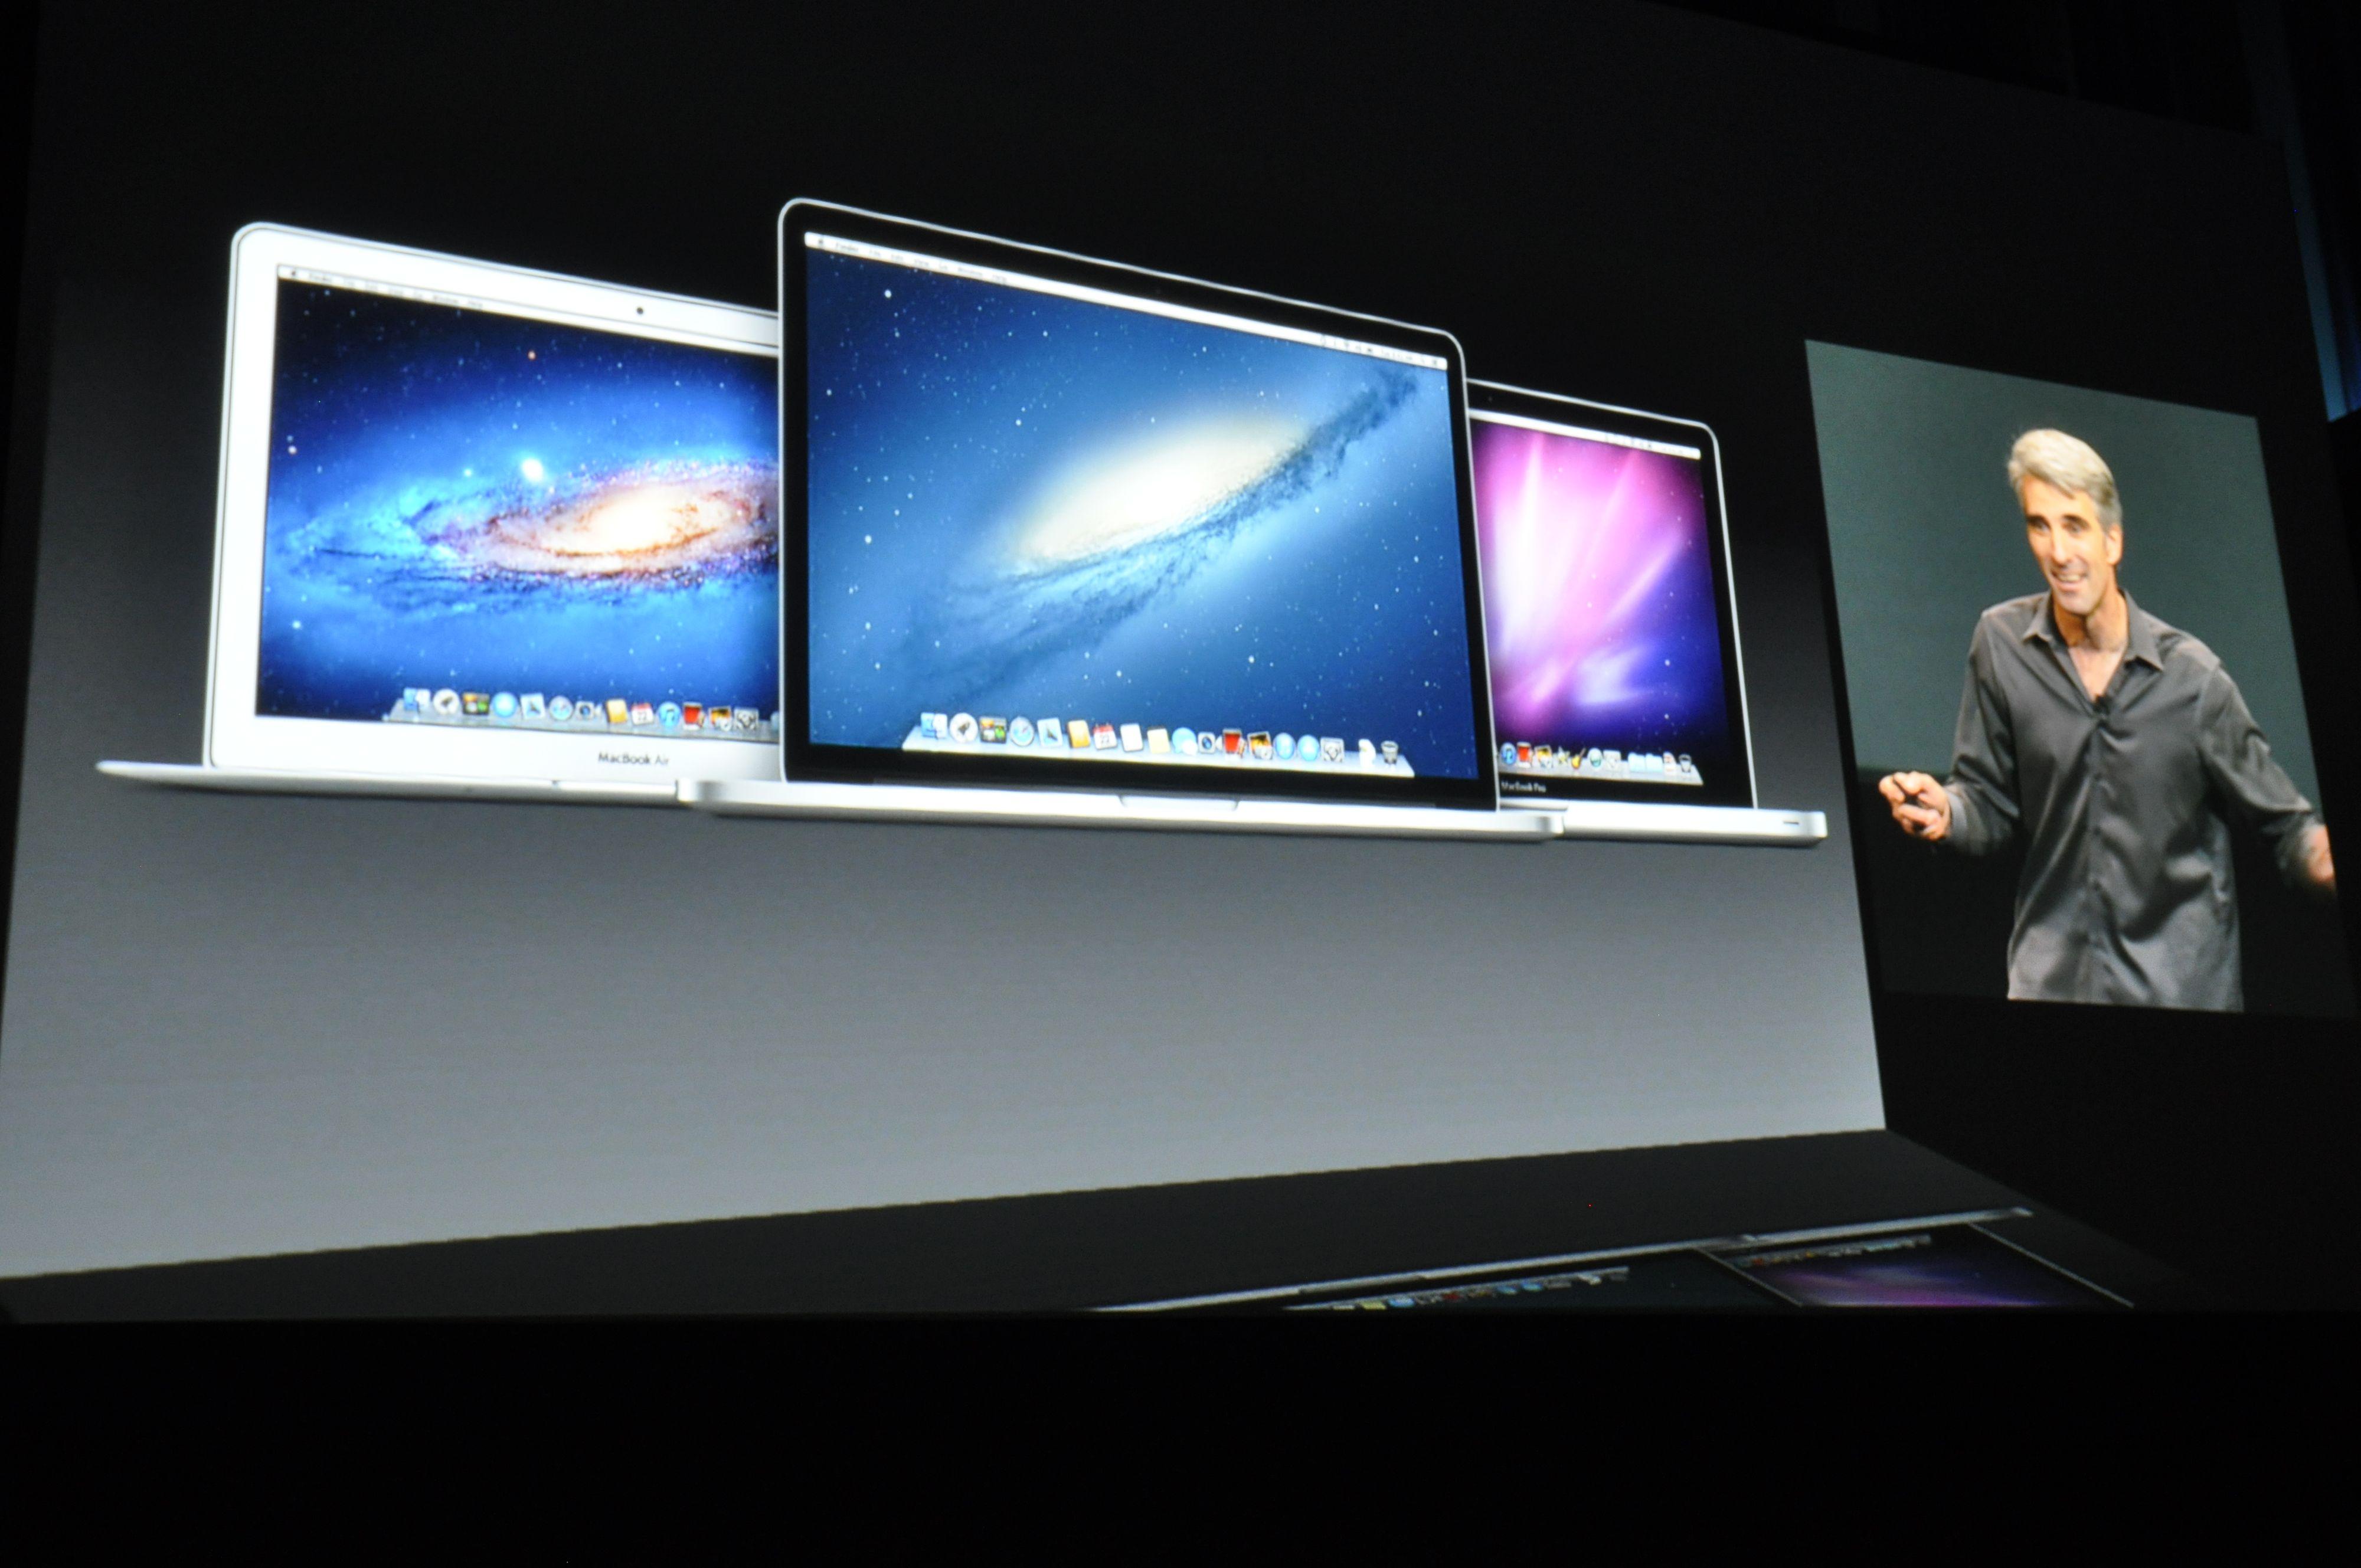 Mac-brukere kan oppgradere fra og med i dag. Foto: Finn Jarle Kvalheim, Amobil.no